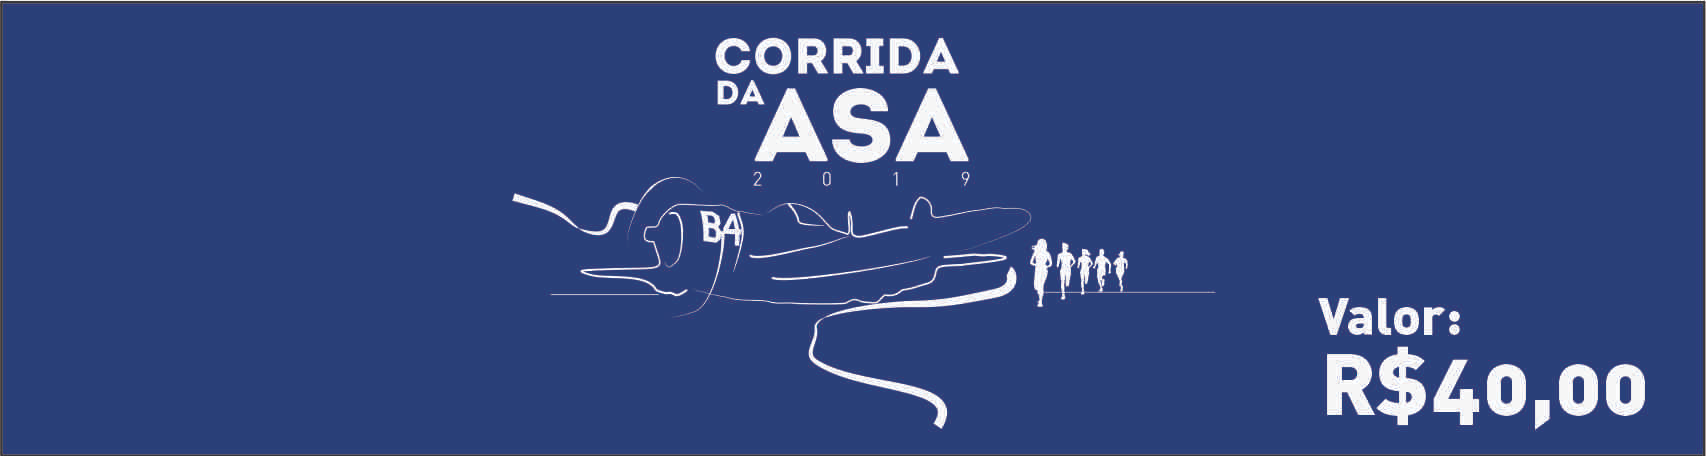 CORRIDA DA ASA 2019